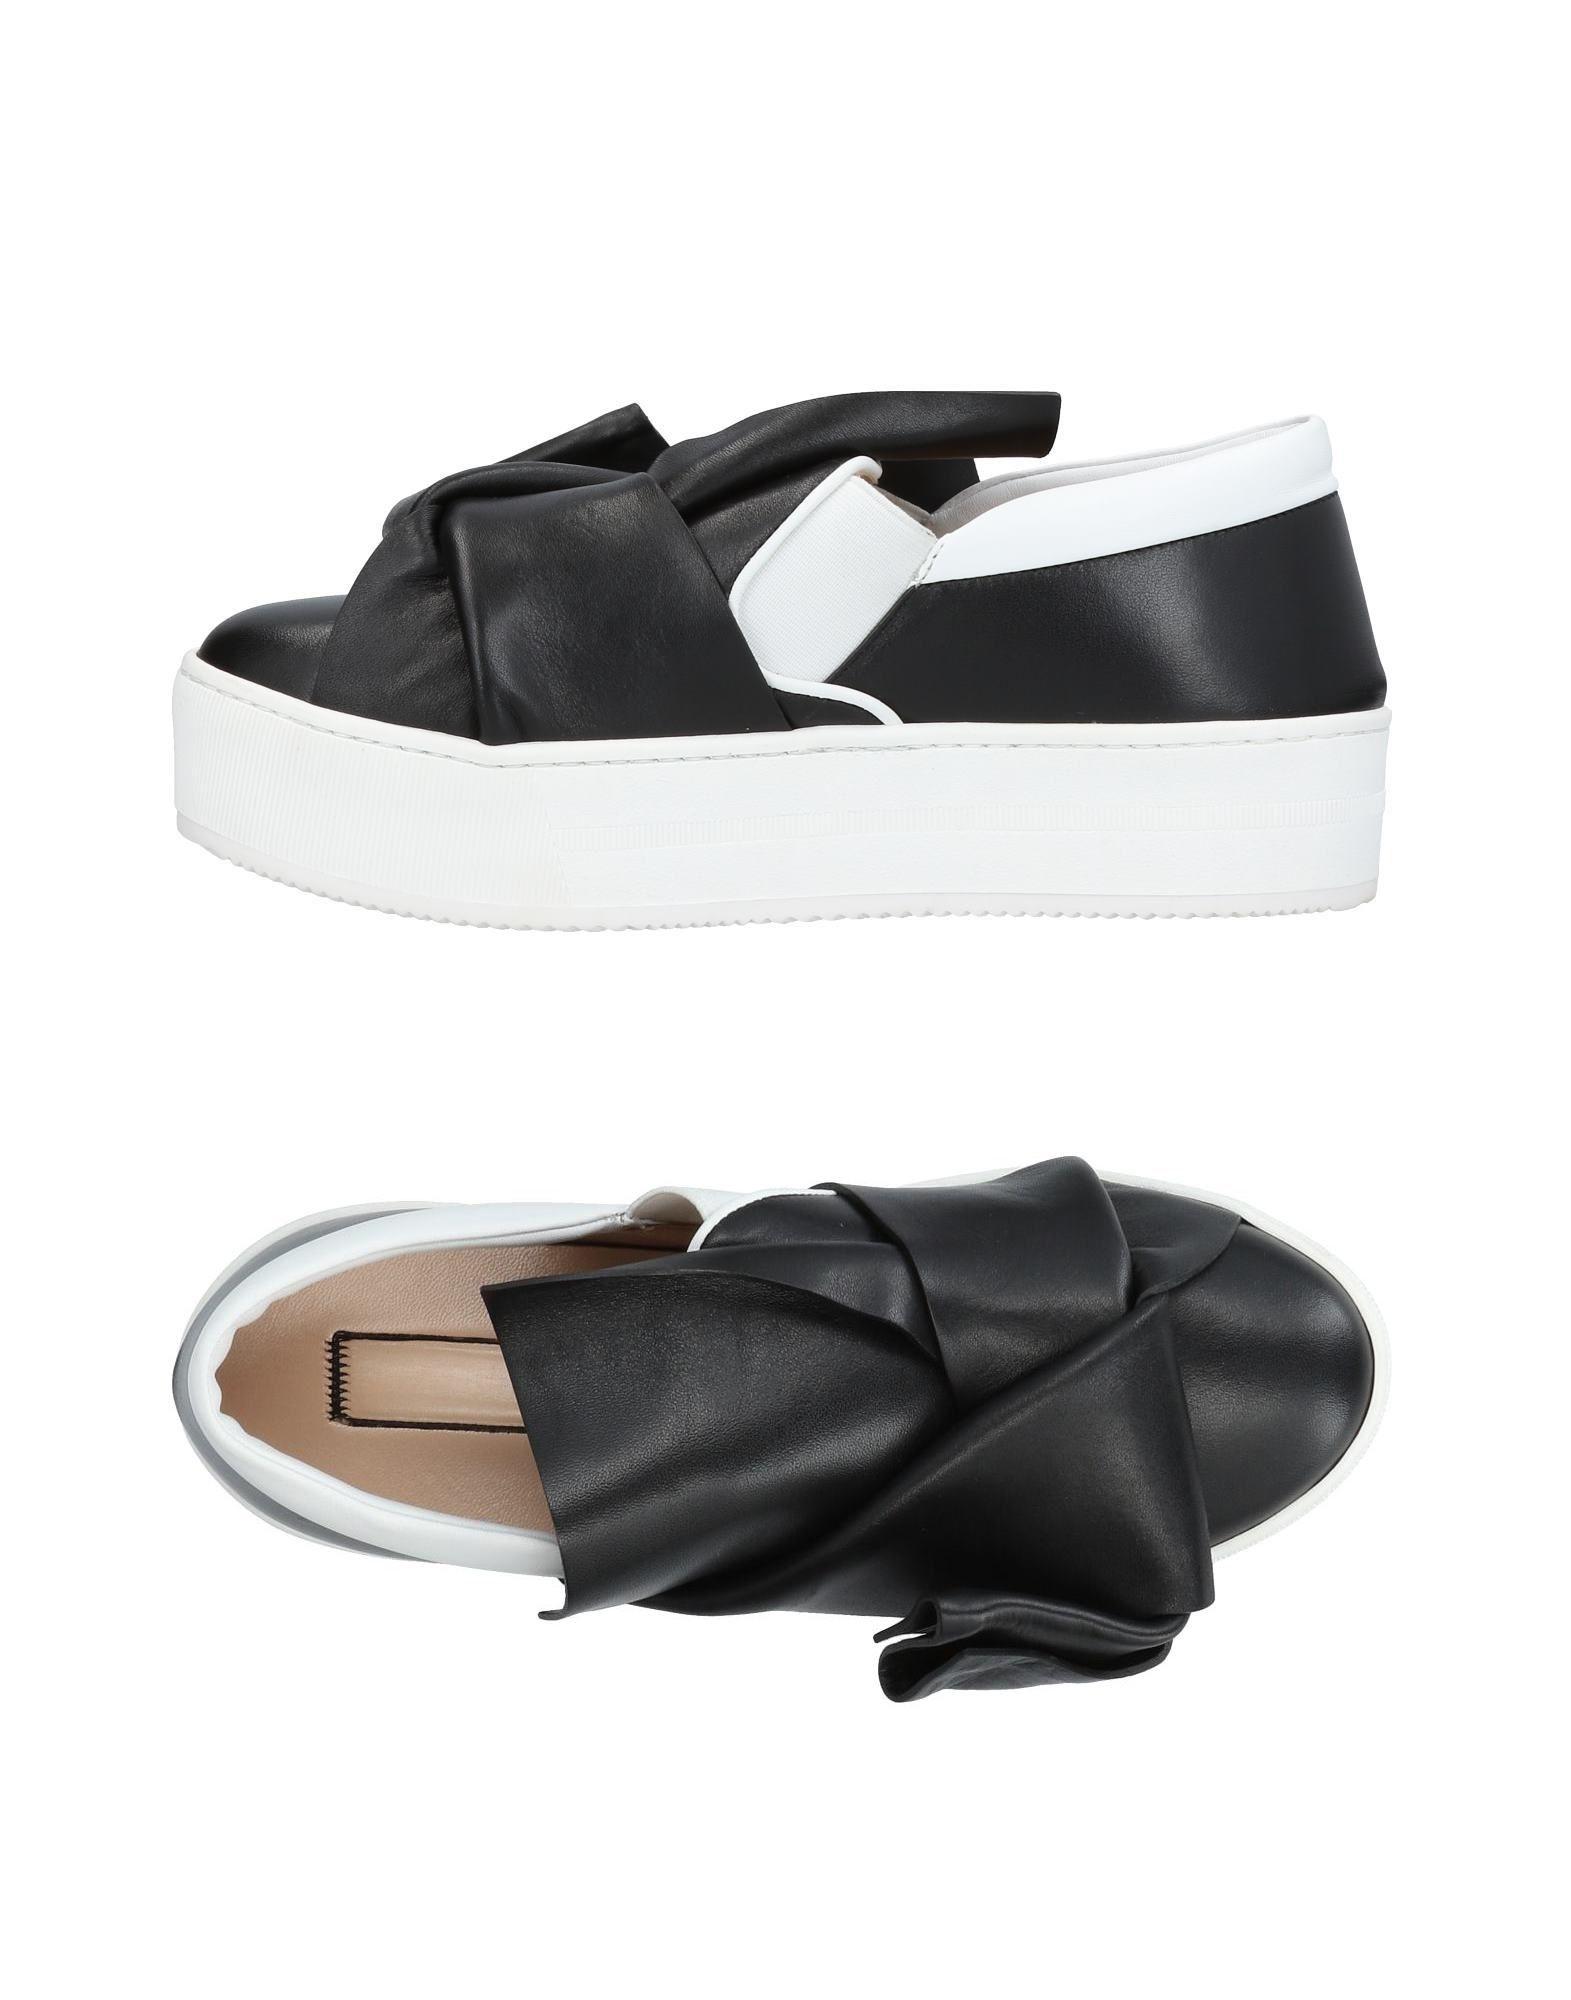 Nuevos zapatos para hombres y mujeres, N° descuento por tiempo limitado Zapatillas N° mujeres, 21 Mujer - Zapatillas N° 21  Negro 3aa9ce